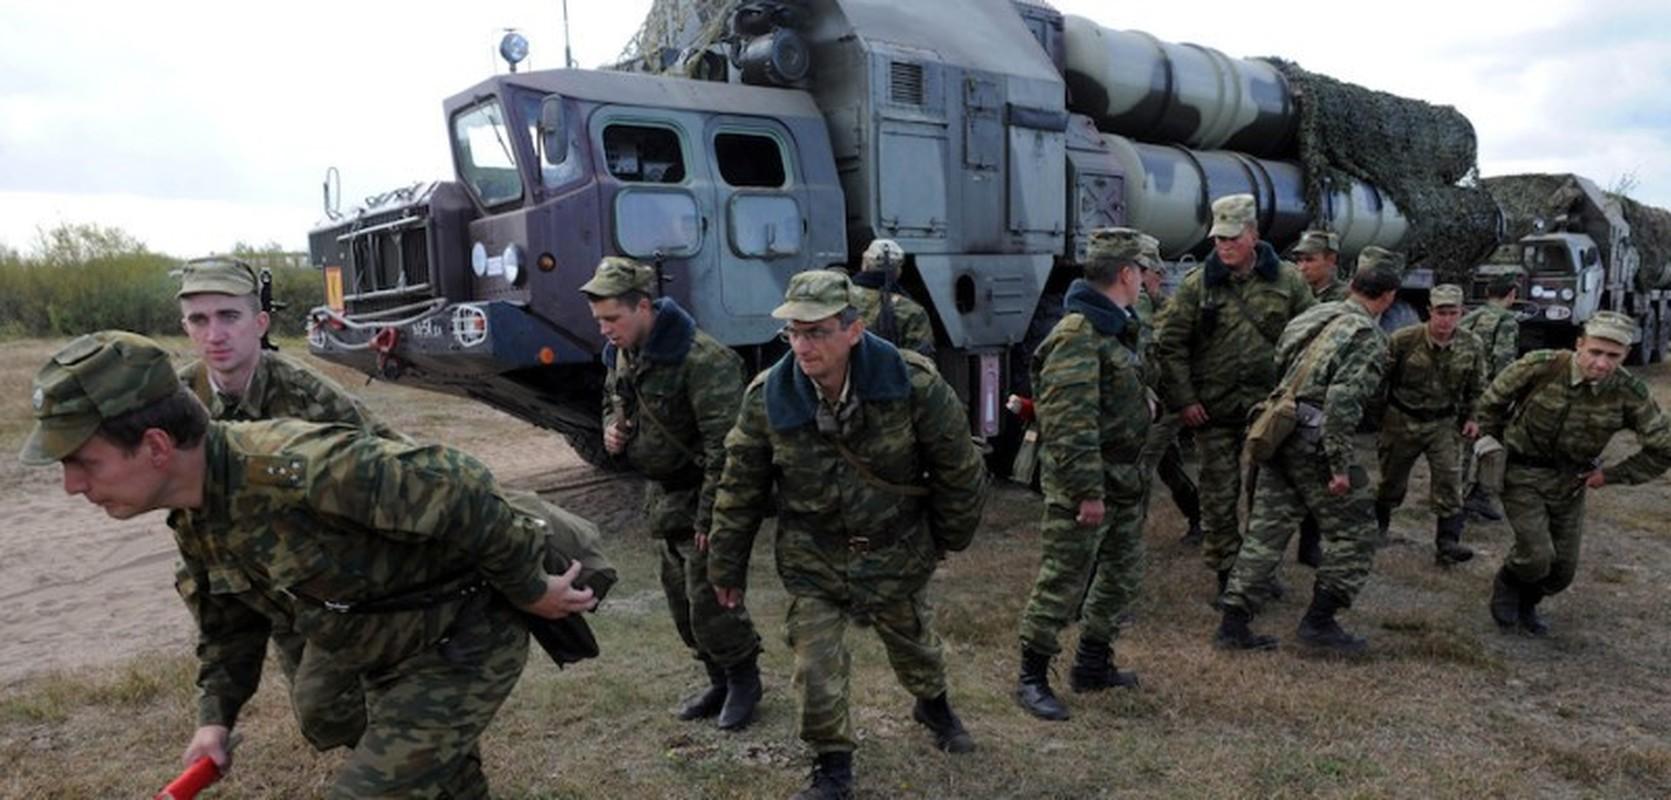 Chan dong: Tuyen bo tap tran voi NATO, tong tham muu truong quan doi Belarus bi cach chuc-Hinh-7